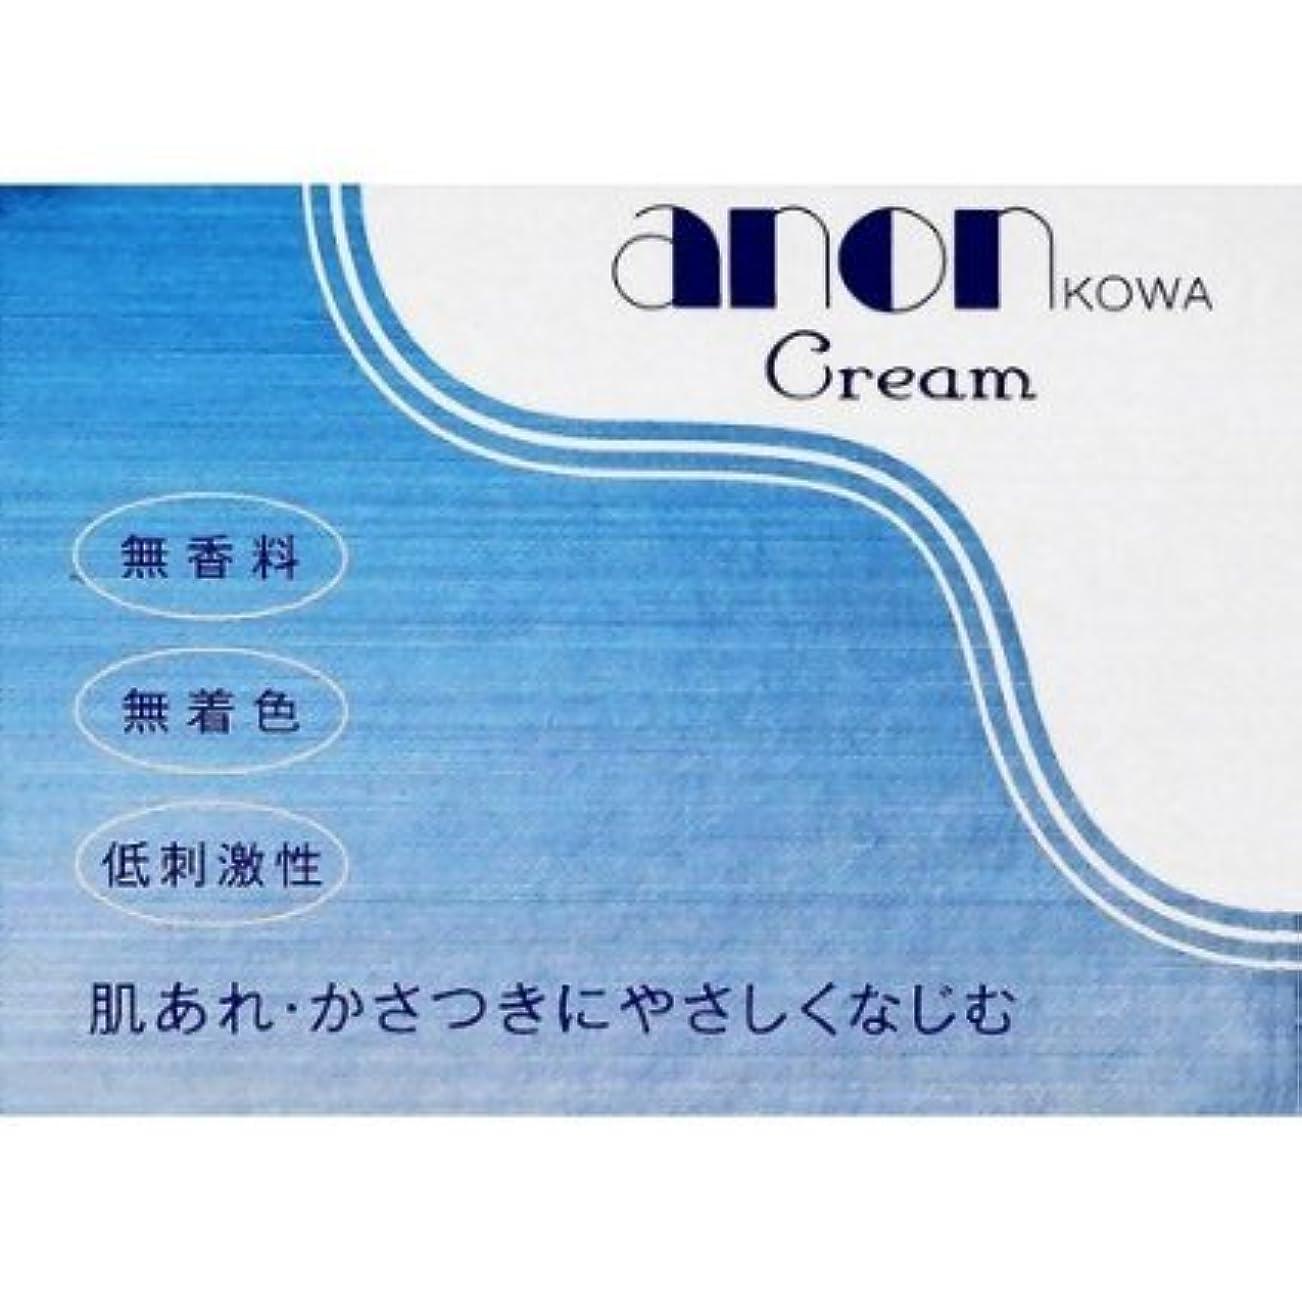 に関して通り抜ける割り込み興和新薬 アノンコーワクリーム80g×2 1847